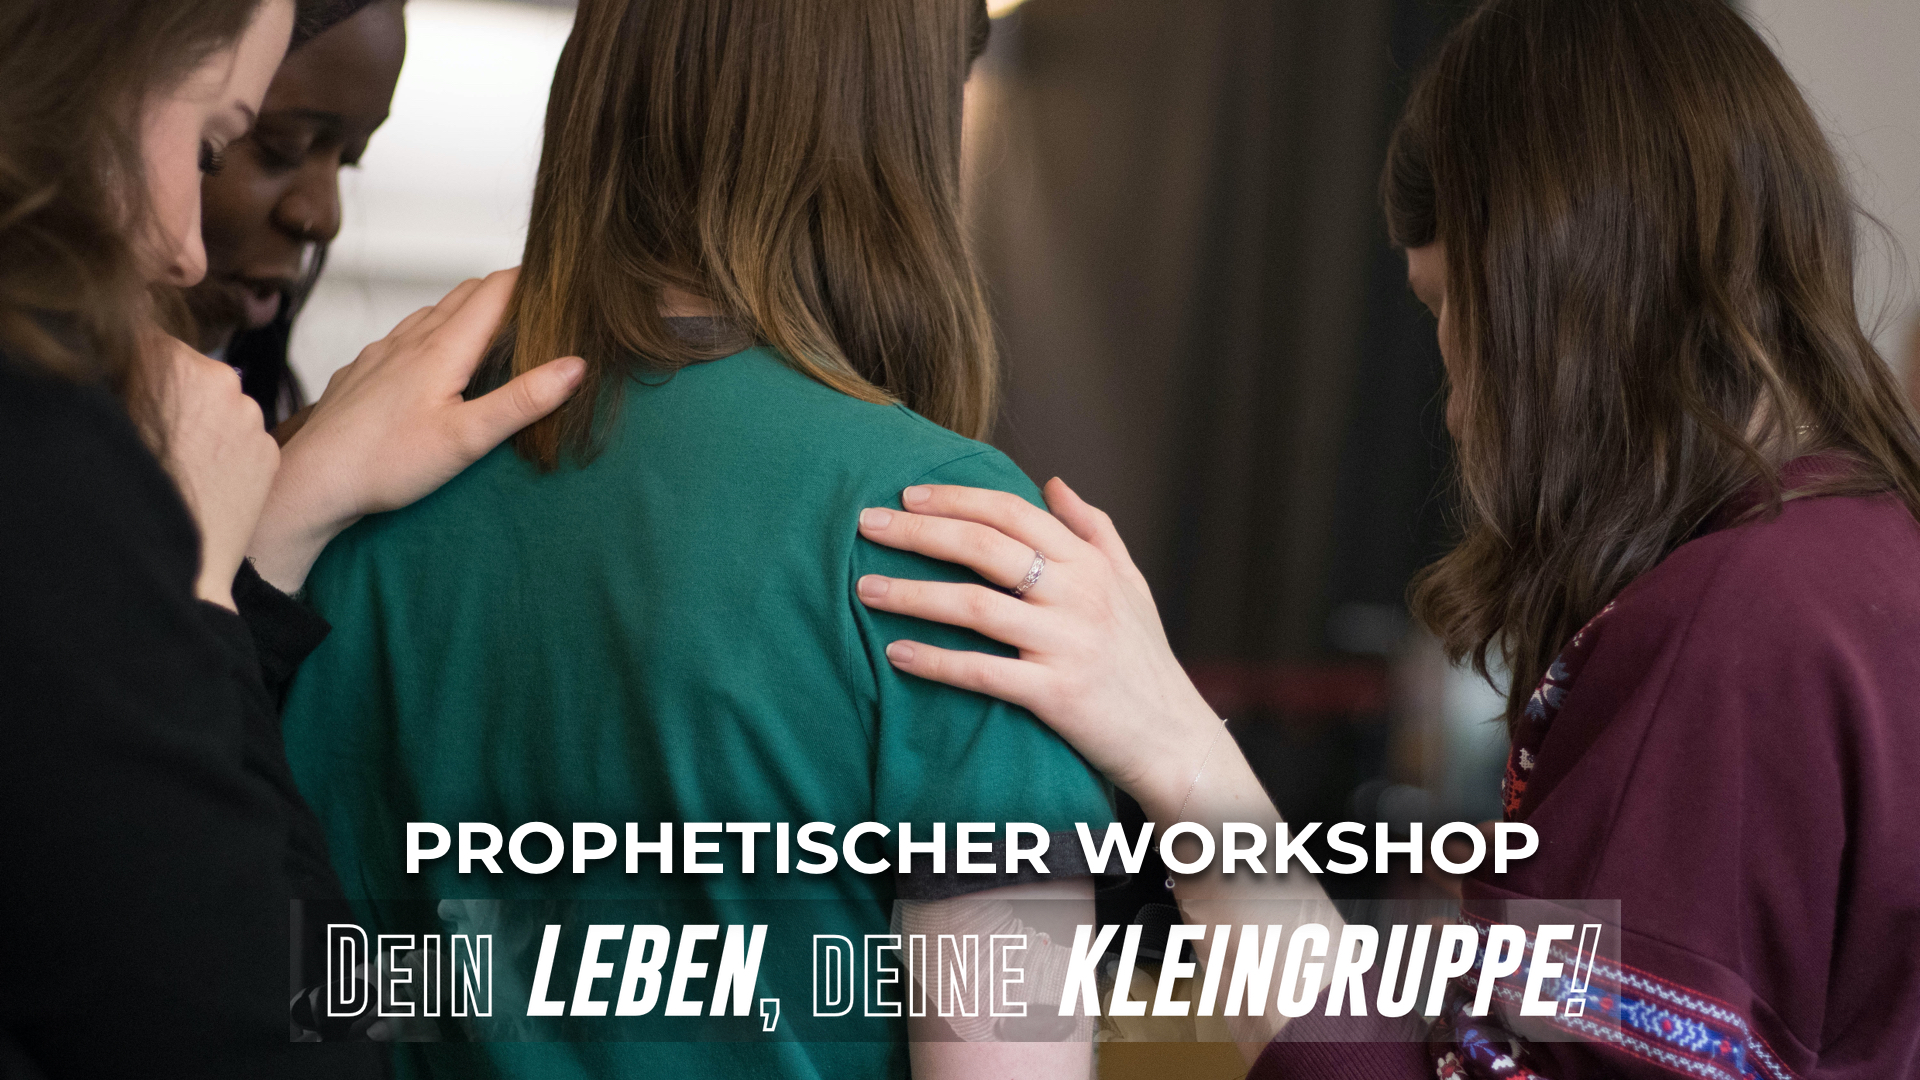 Prophetischer Workshop